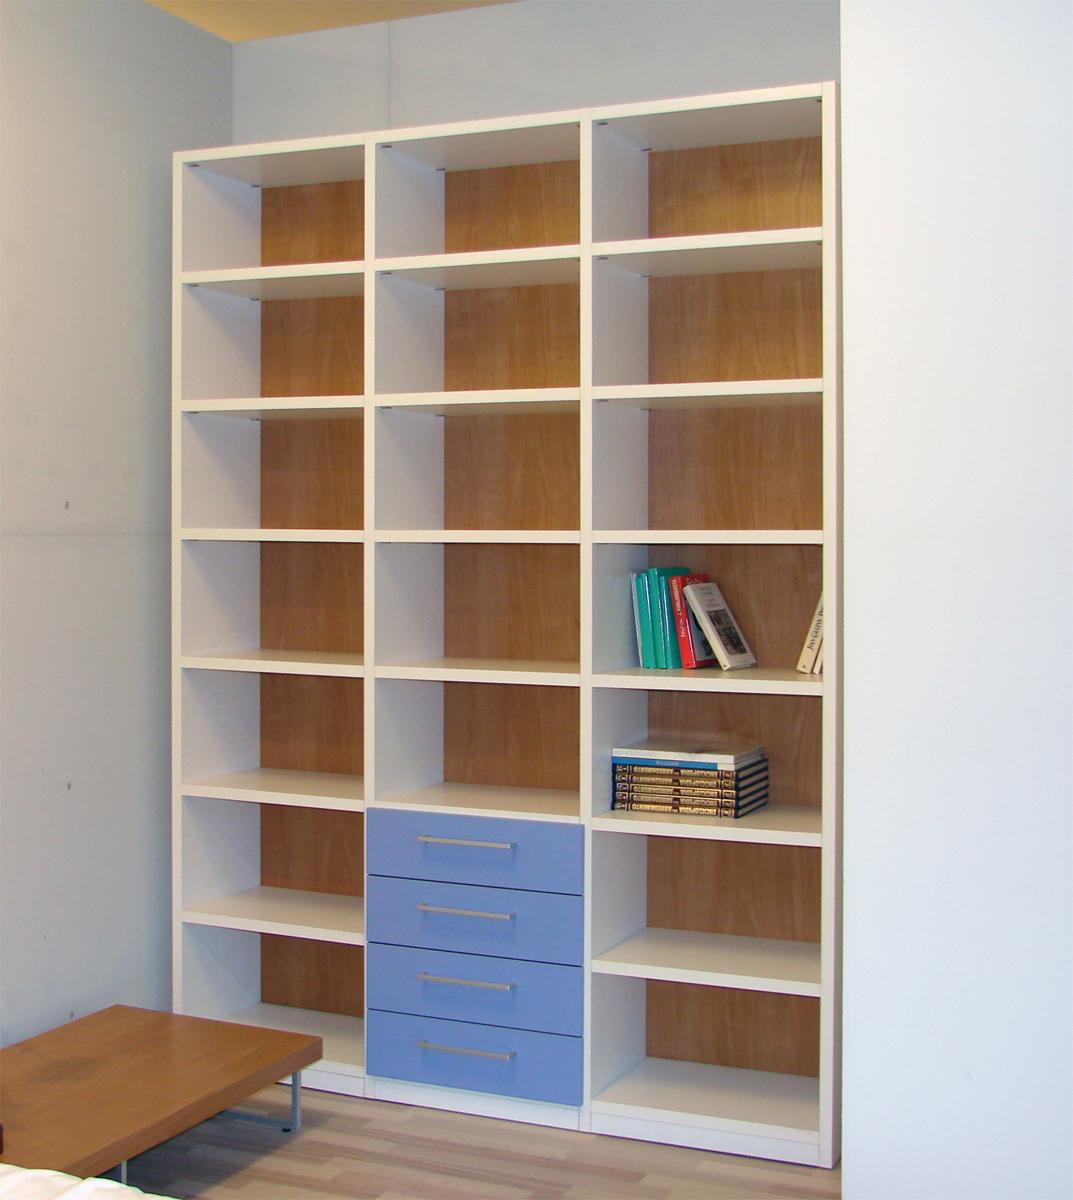 Outlet mobili a basso prezzo dimensione legnodimensione - Mobili basso prezzo ...